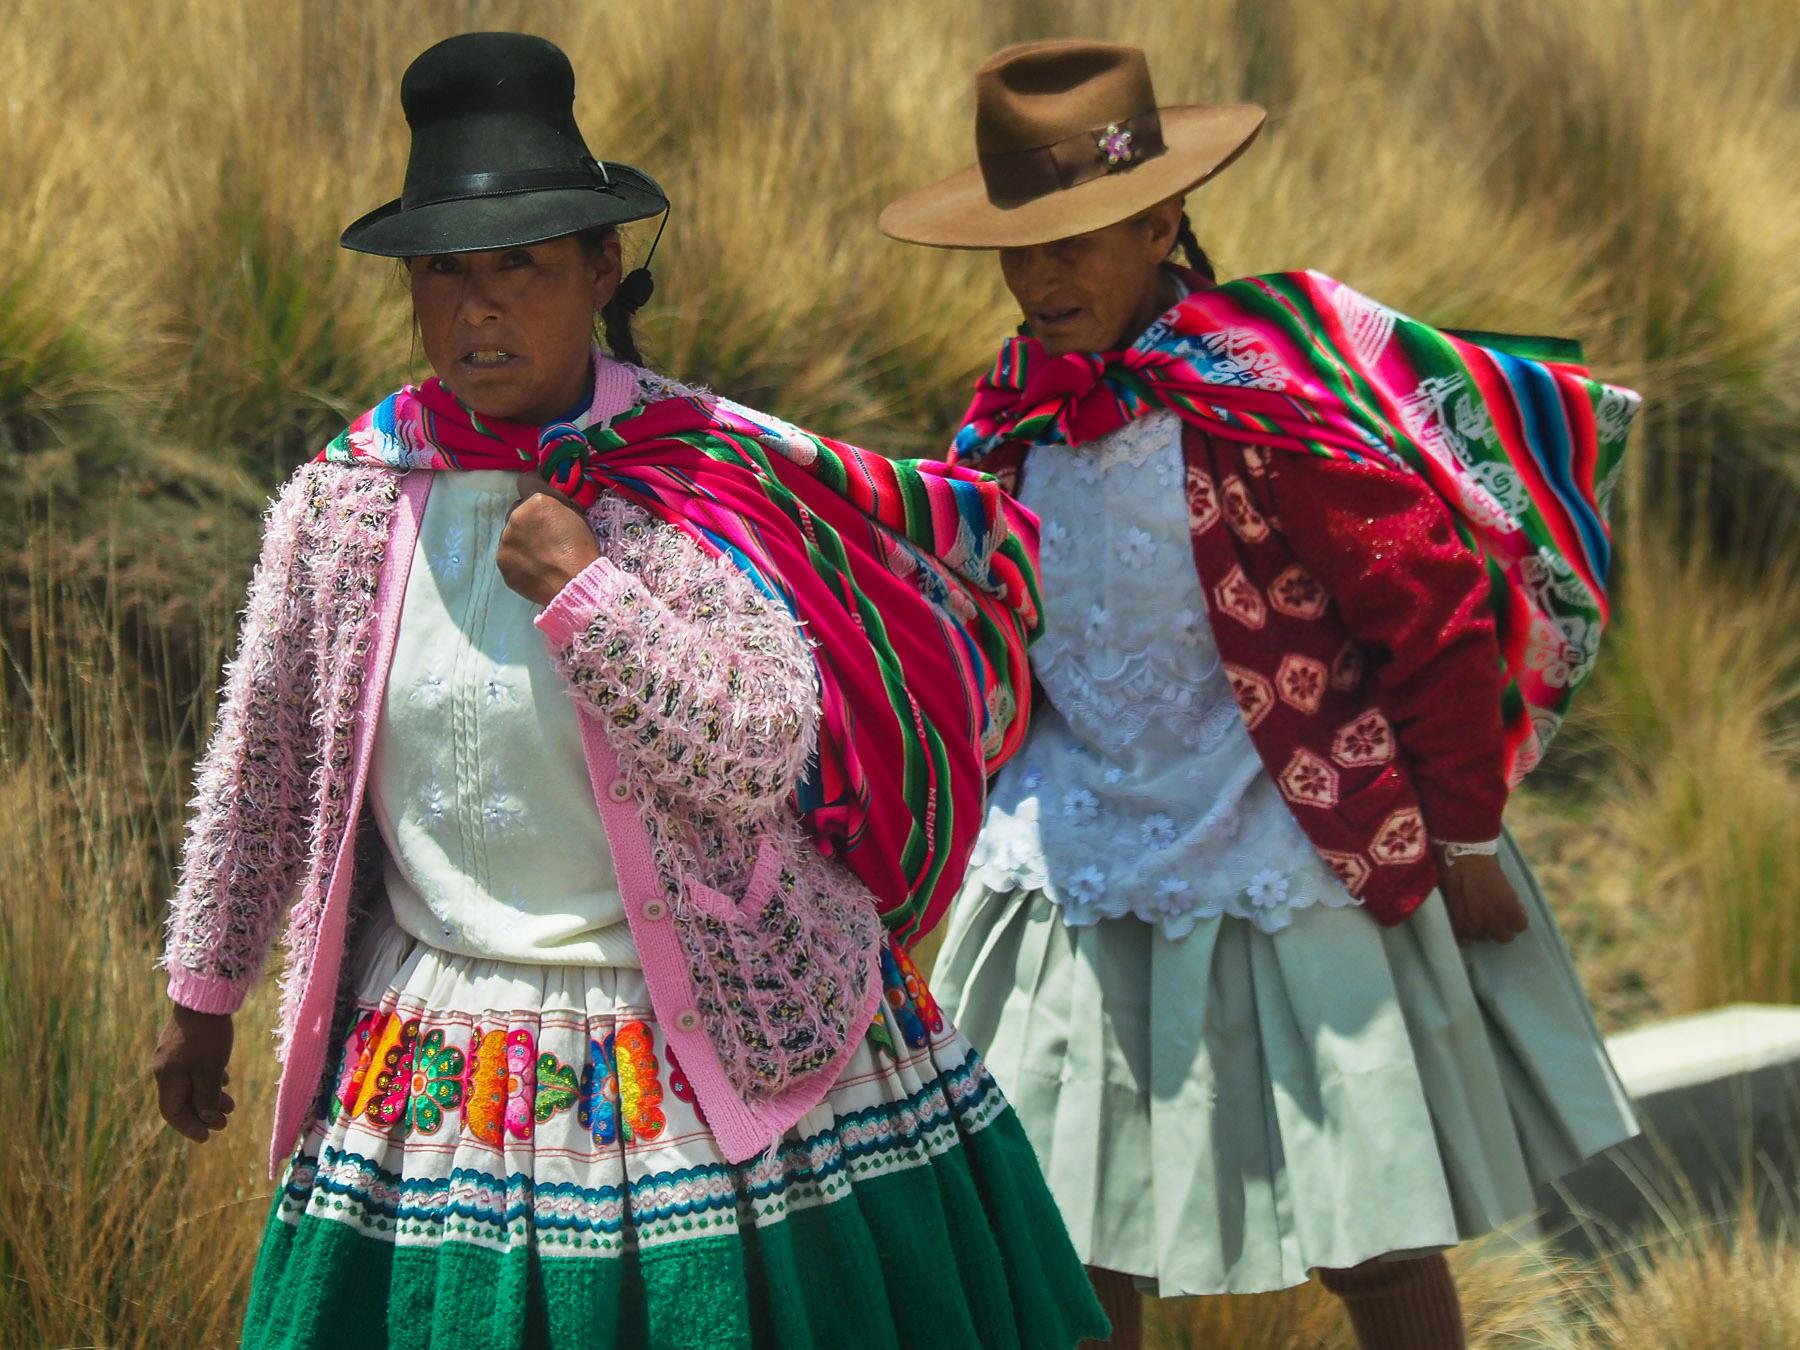 Traditionelle Indiofrauen auf dem abseits gelegenen Weg zum Colca Canyon